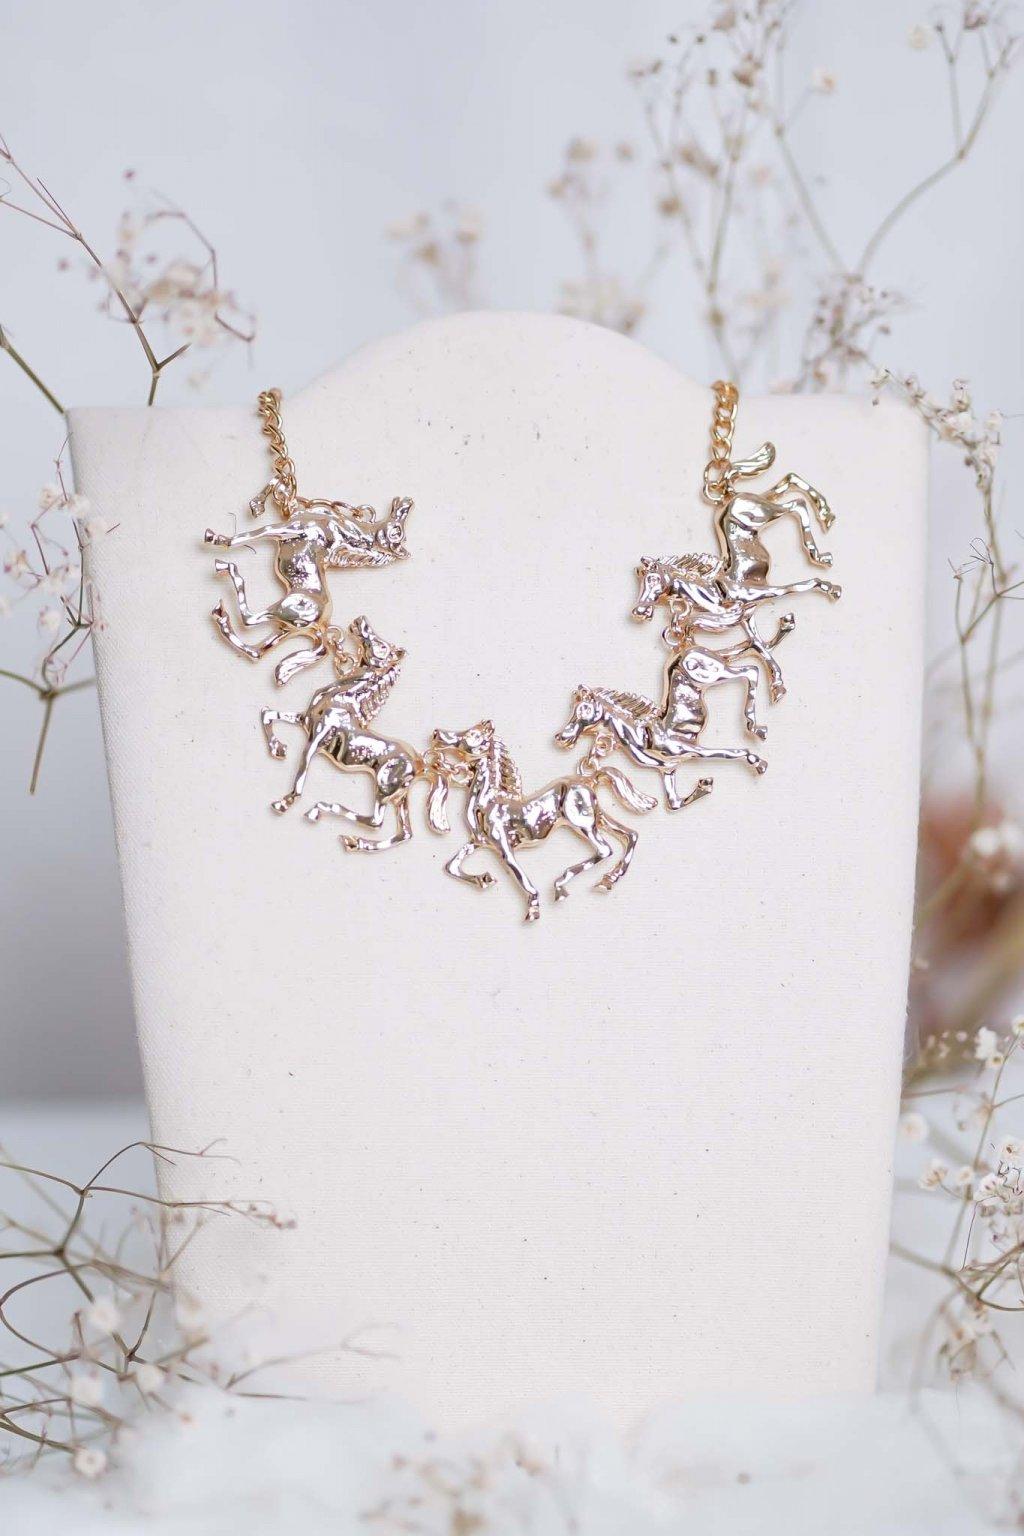 náhrdelník, spoločenský, bežný deň, kamienkový, farebný, čierny, strieborný, zelený, cyklamenévy, náhrdelník, bižuteria, šperk, šperky, ples, stužková, svadba, 044